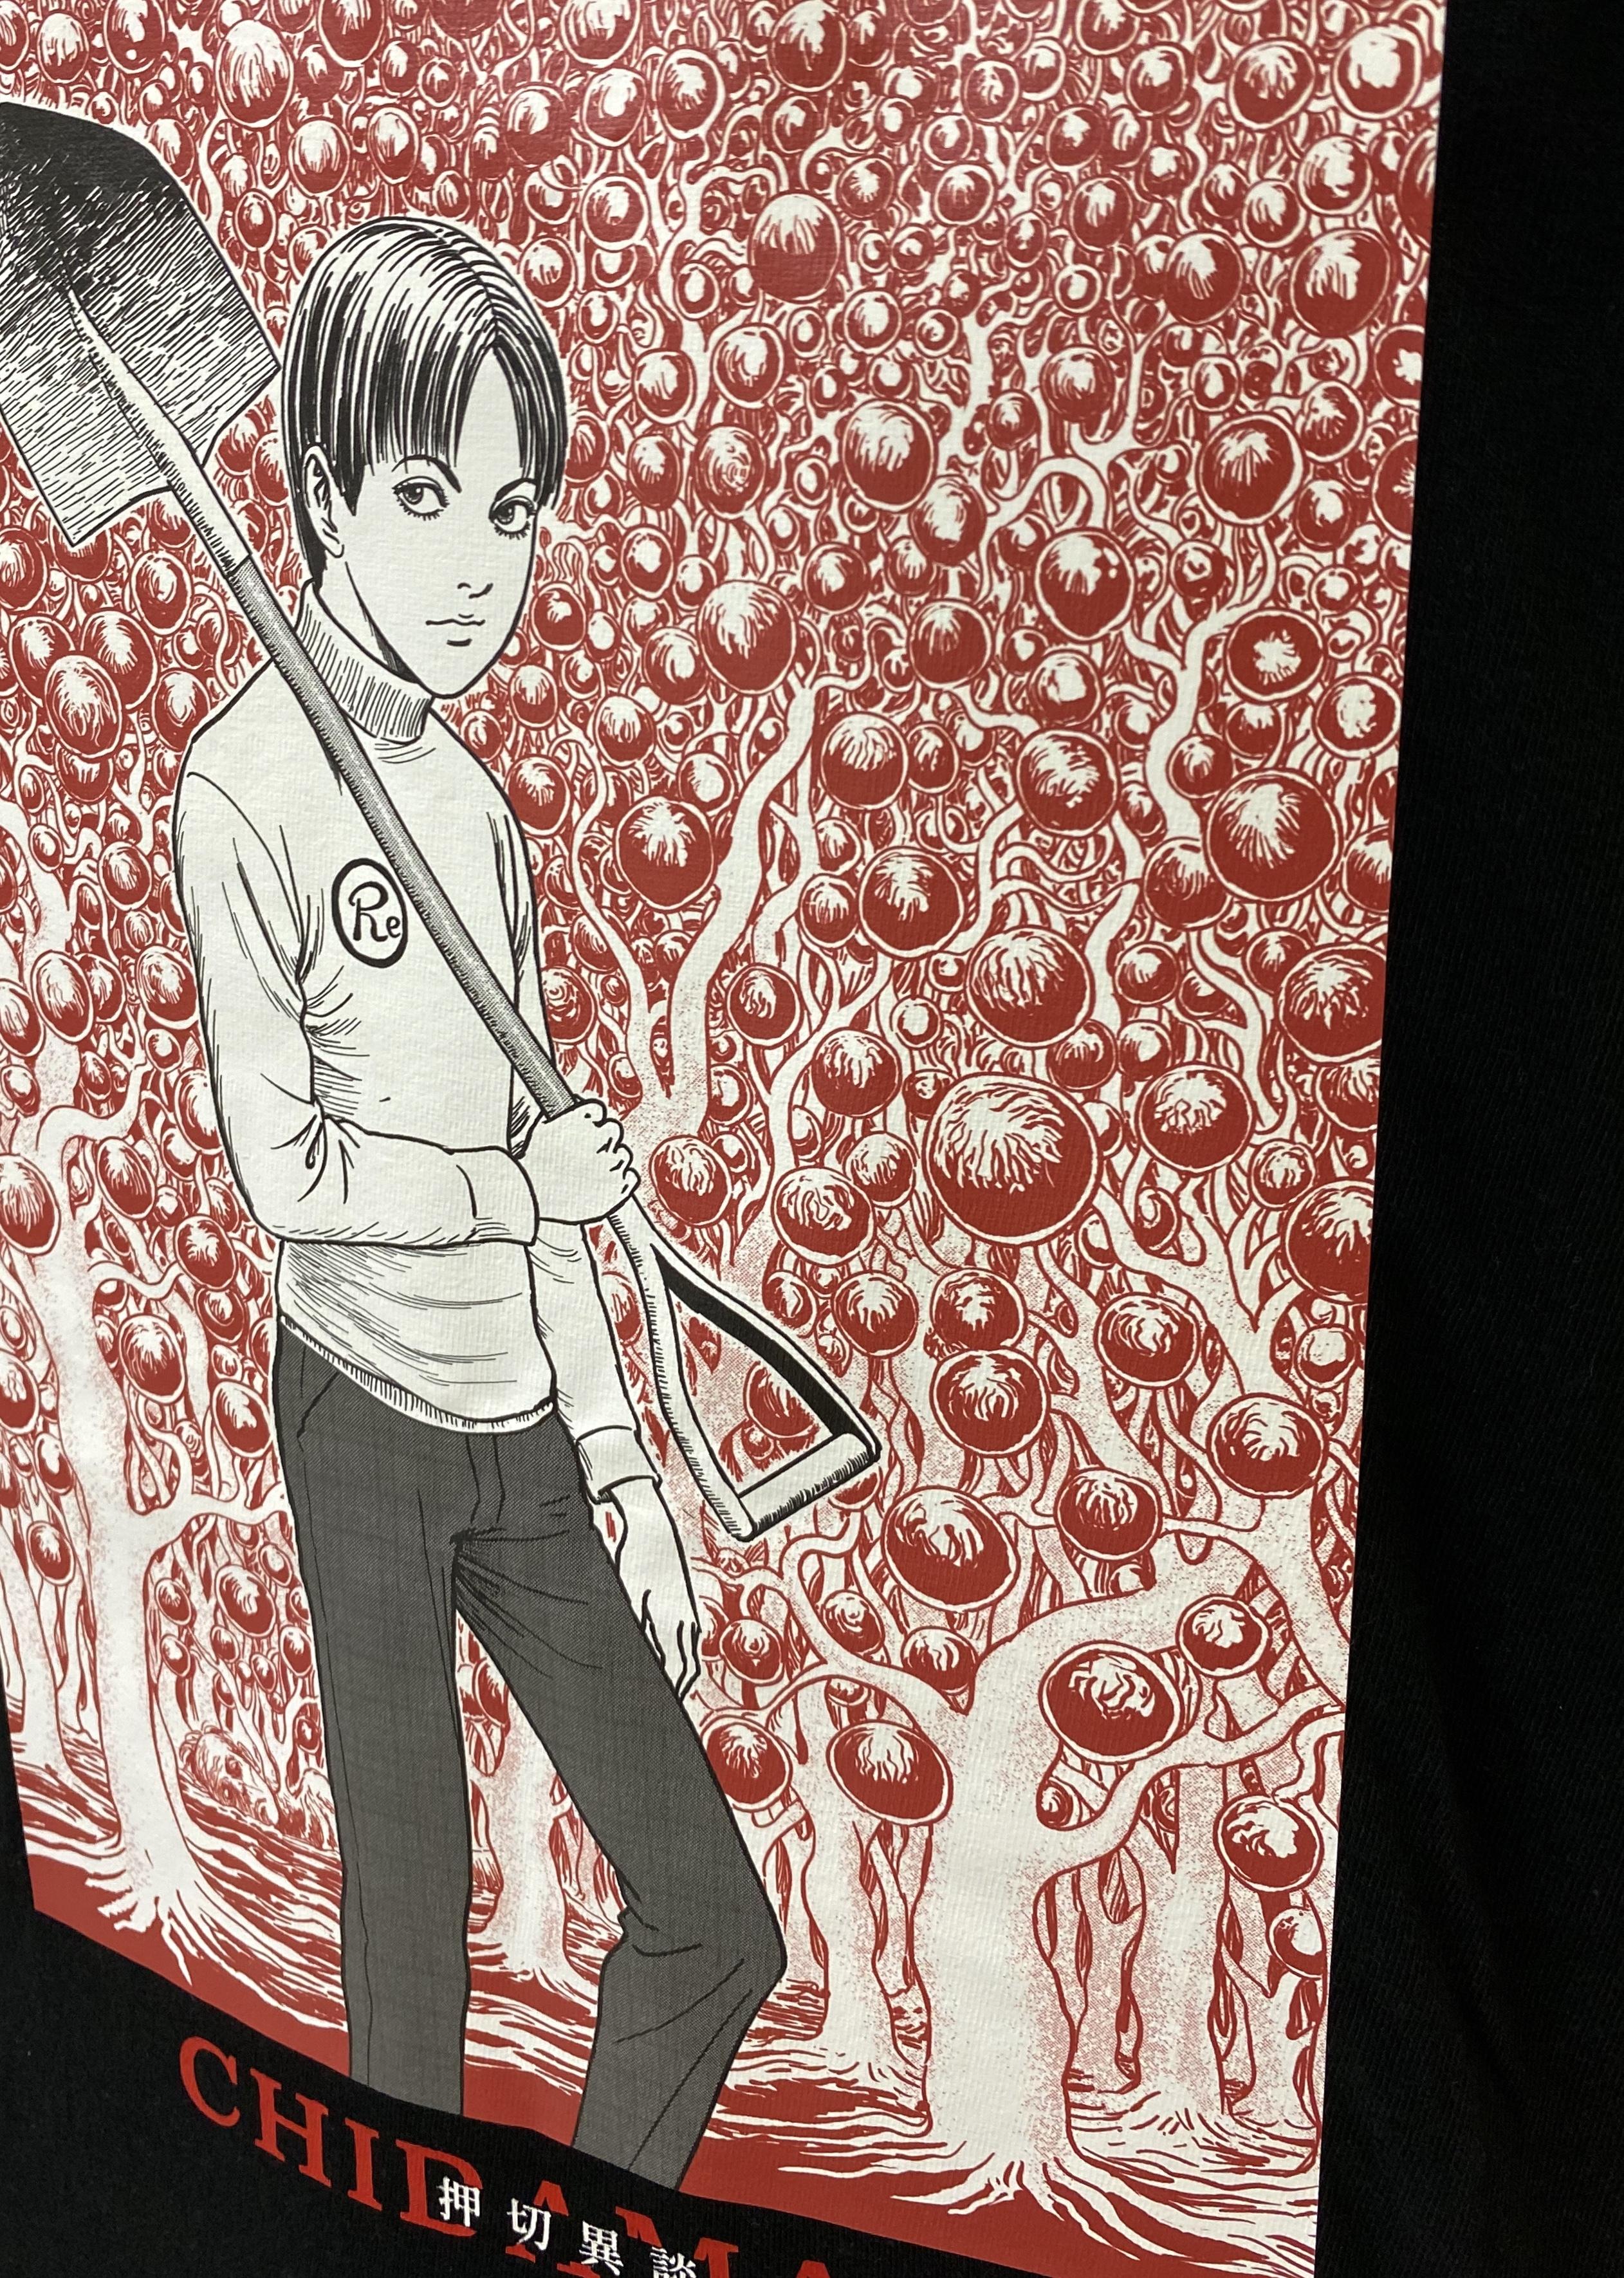 【伊藤 潤二描き下ろし】血玉樹園-押切異談- Tシャツ